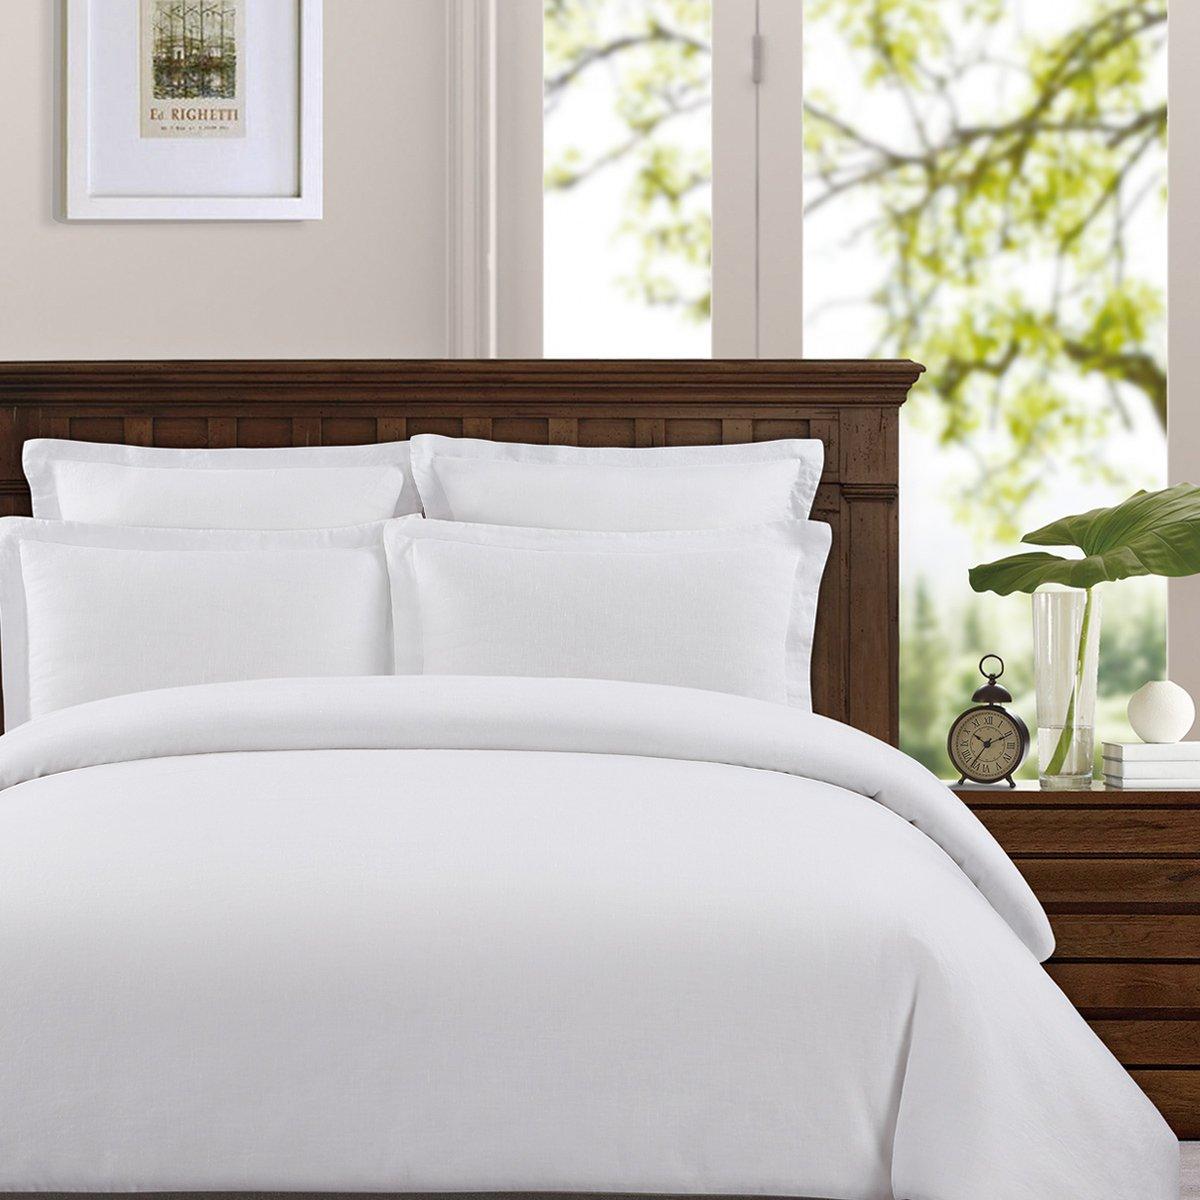 Echelon Home Washed Belgian Linen Duvet Cover Set, King, Eggshell White